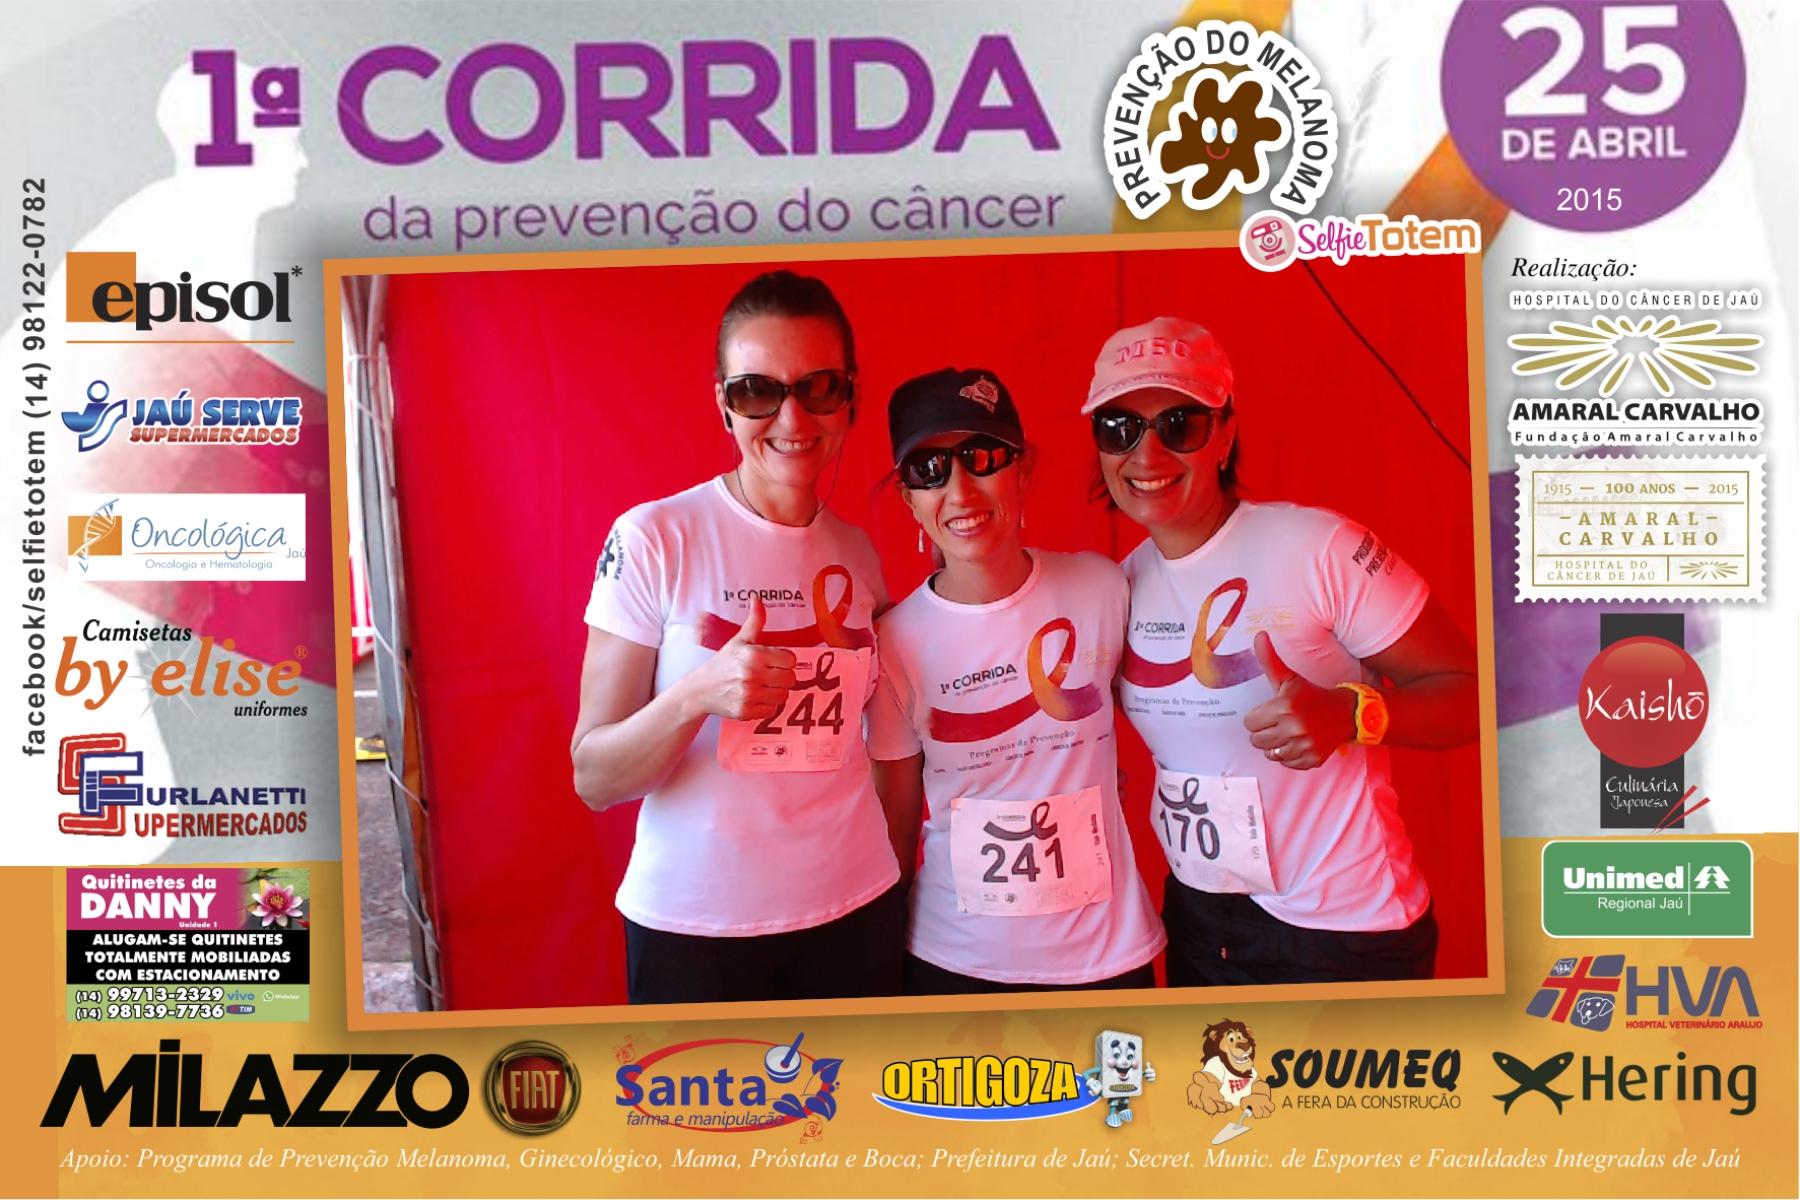 amaral carvalho_8.jpg